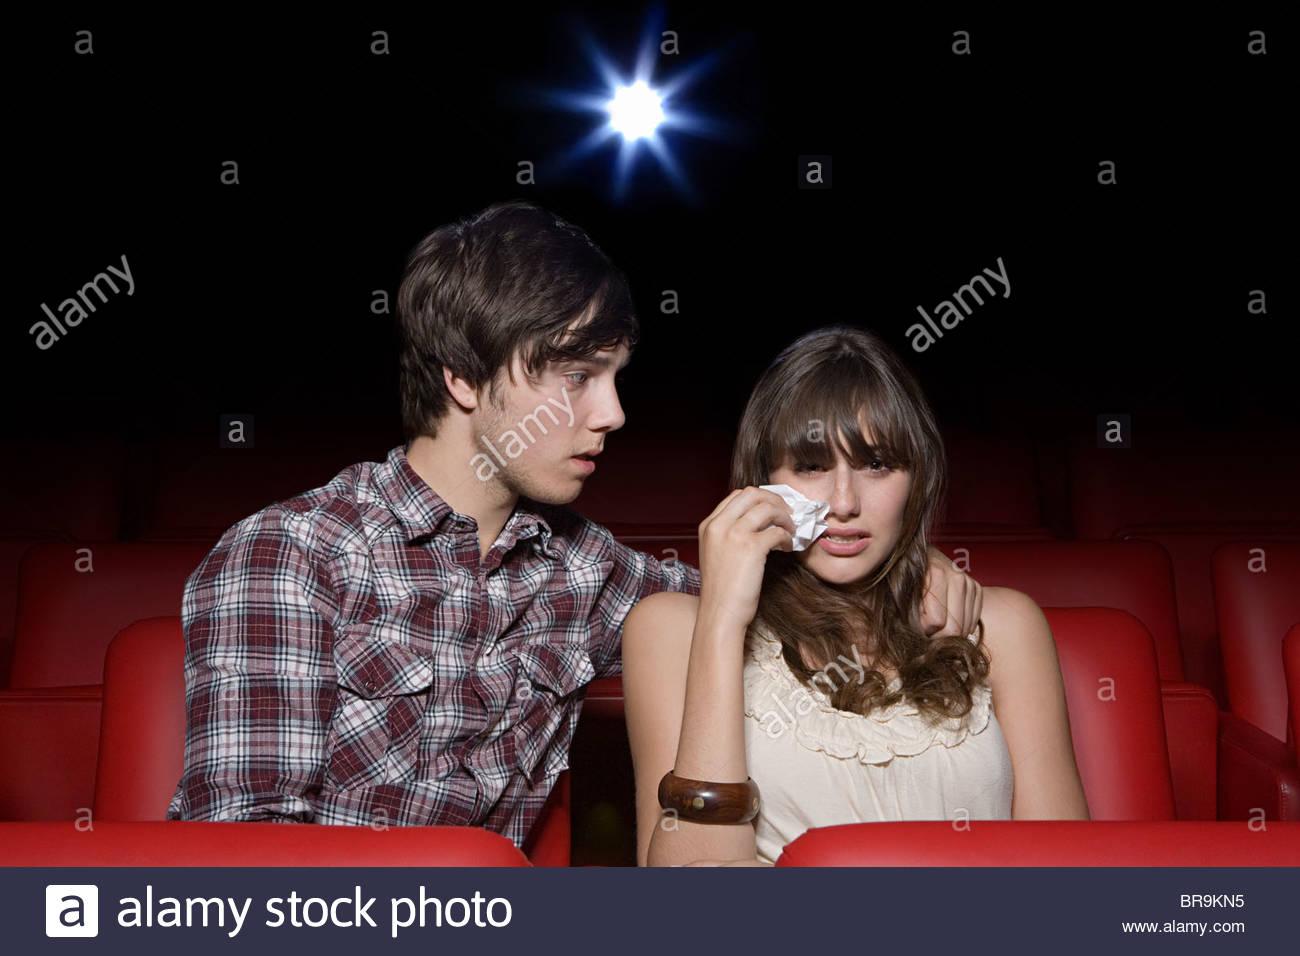 Coppia giovane nel cinema, sia il pianto Immagini Stock